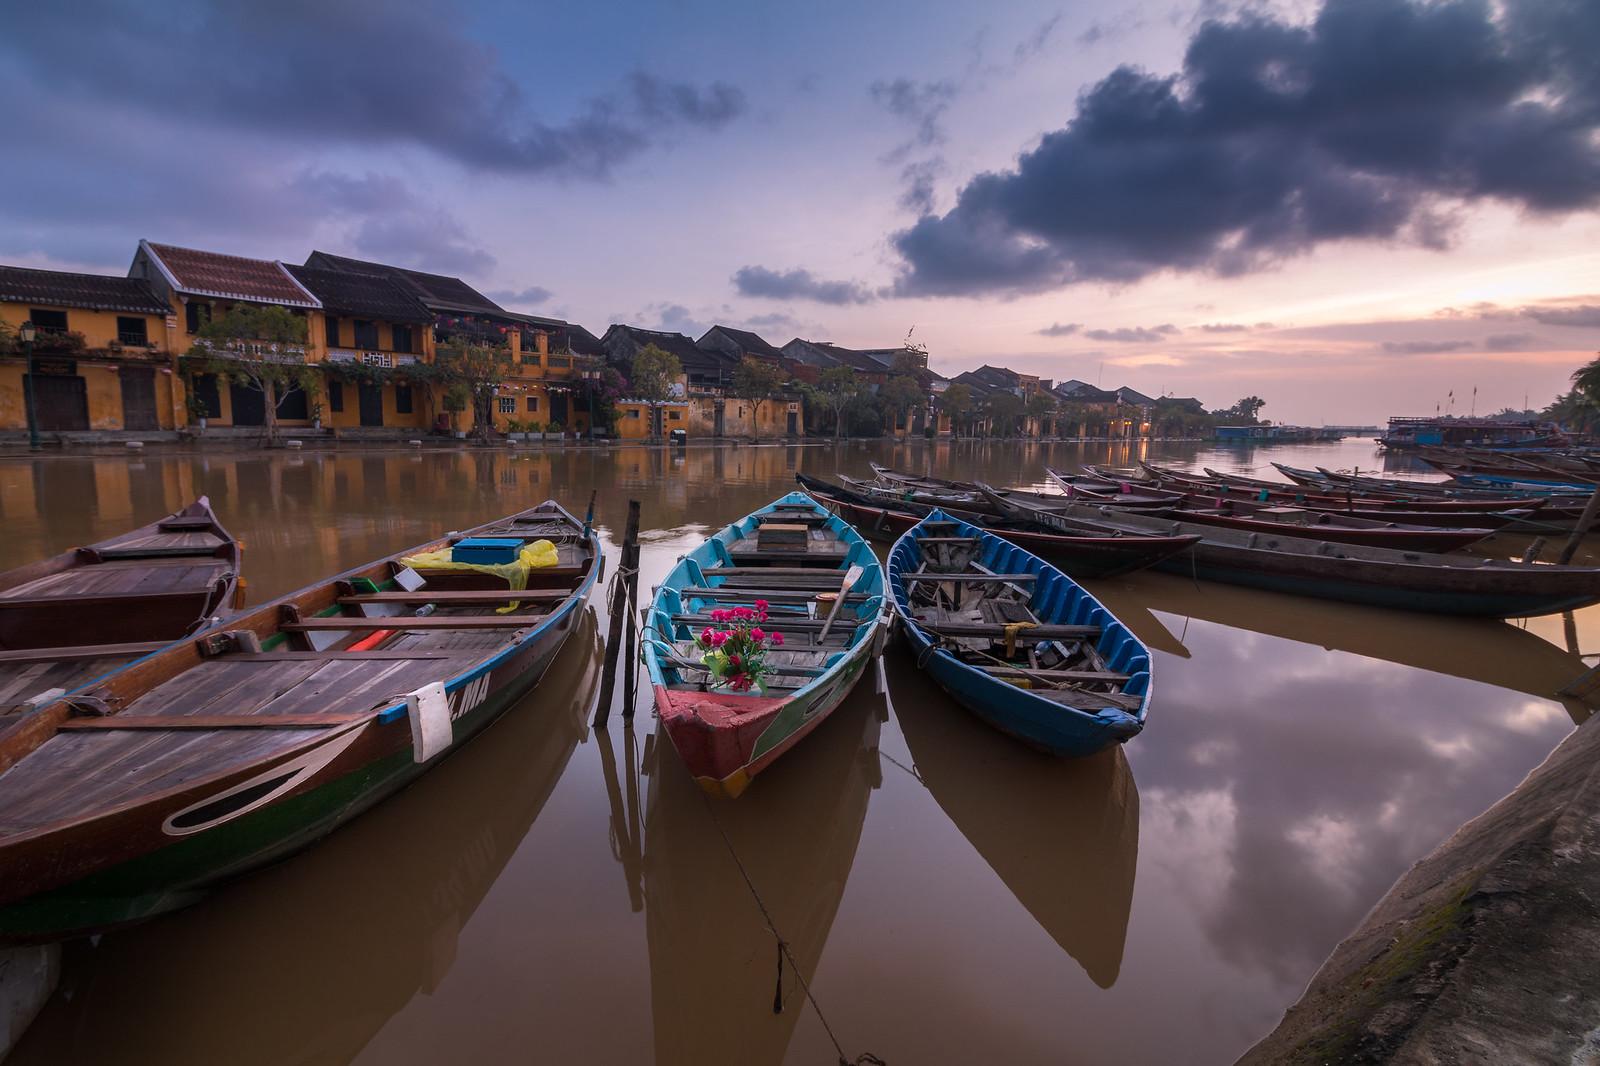 10 consejos para hacer buenas fotos en Vietnam – EL MUNDO EN MI CAMARA